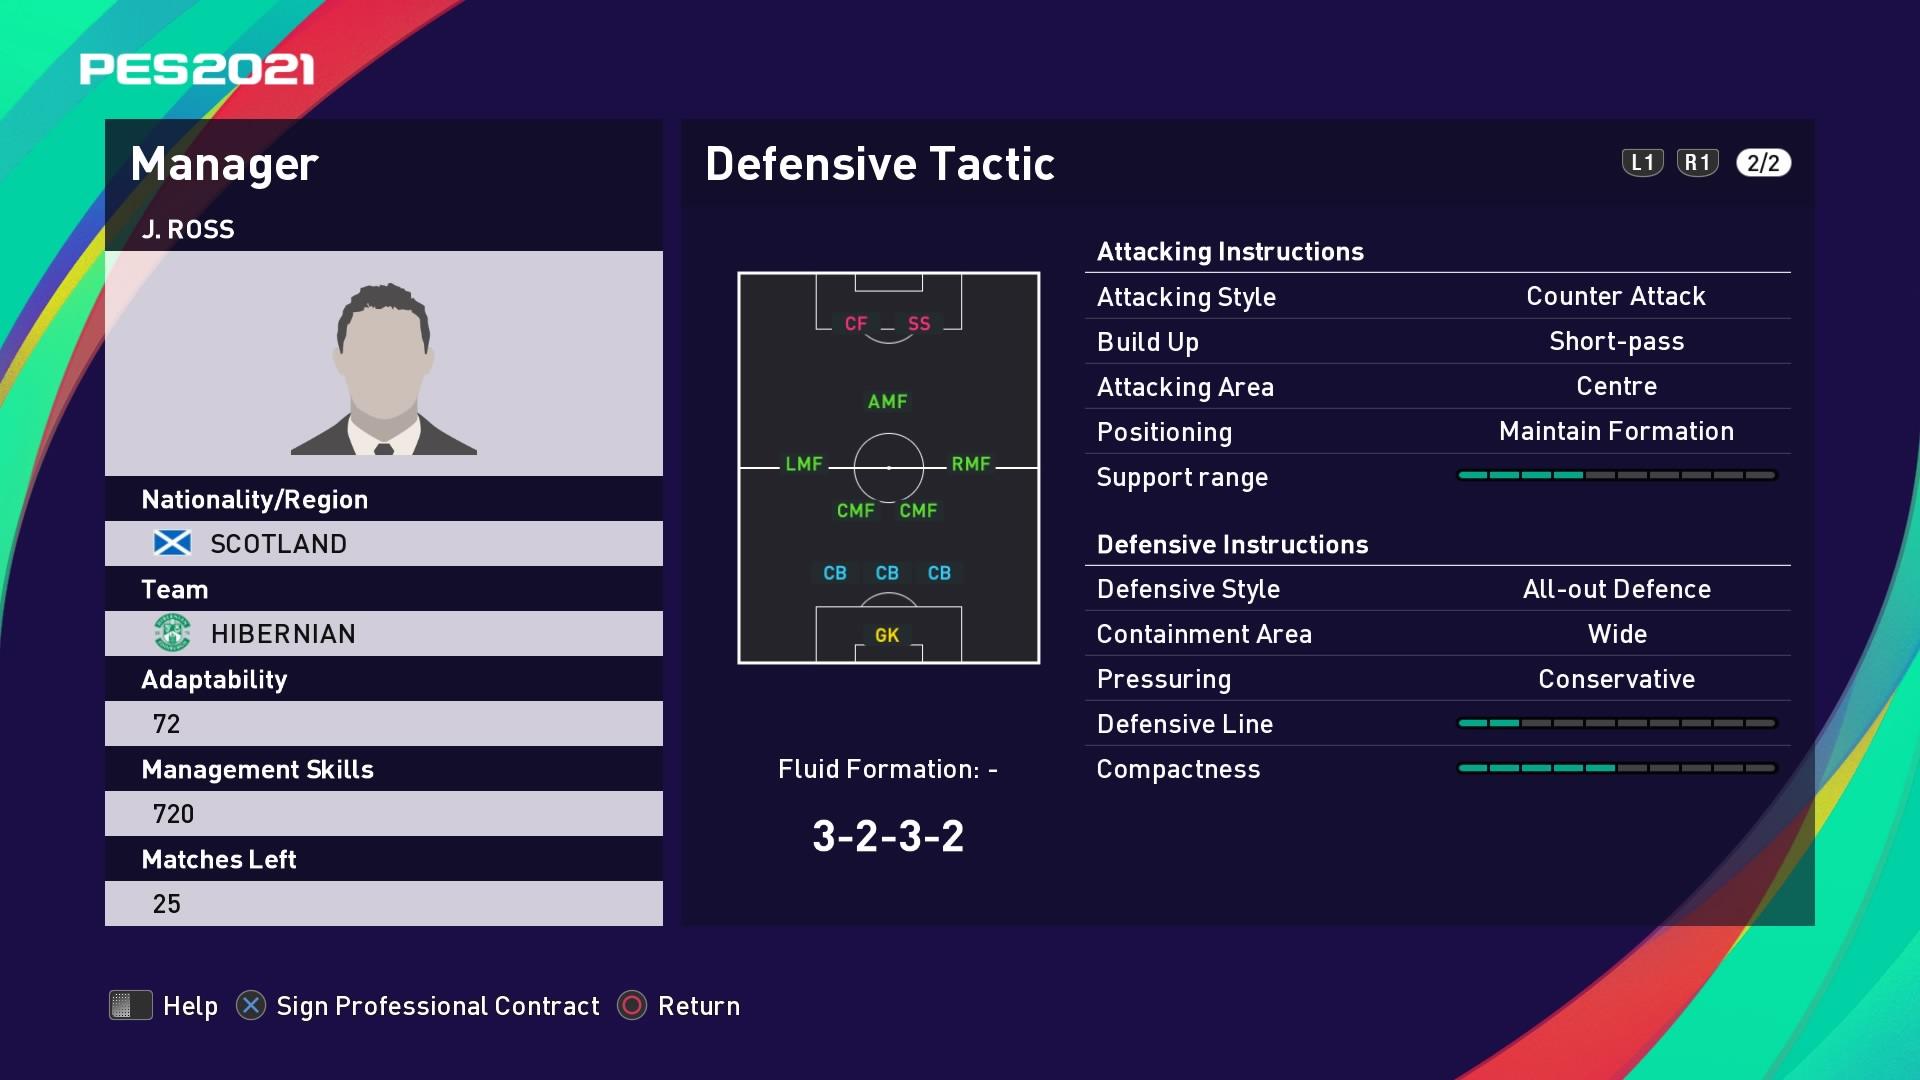 J. Ross (Jack Ross) Defensive Tactic in PES 2021 myClub